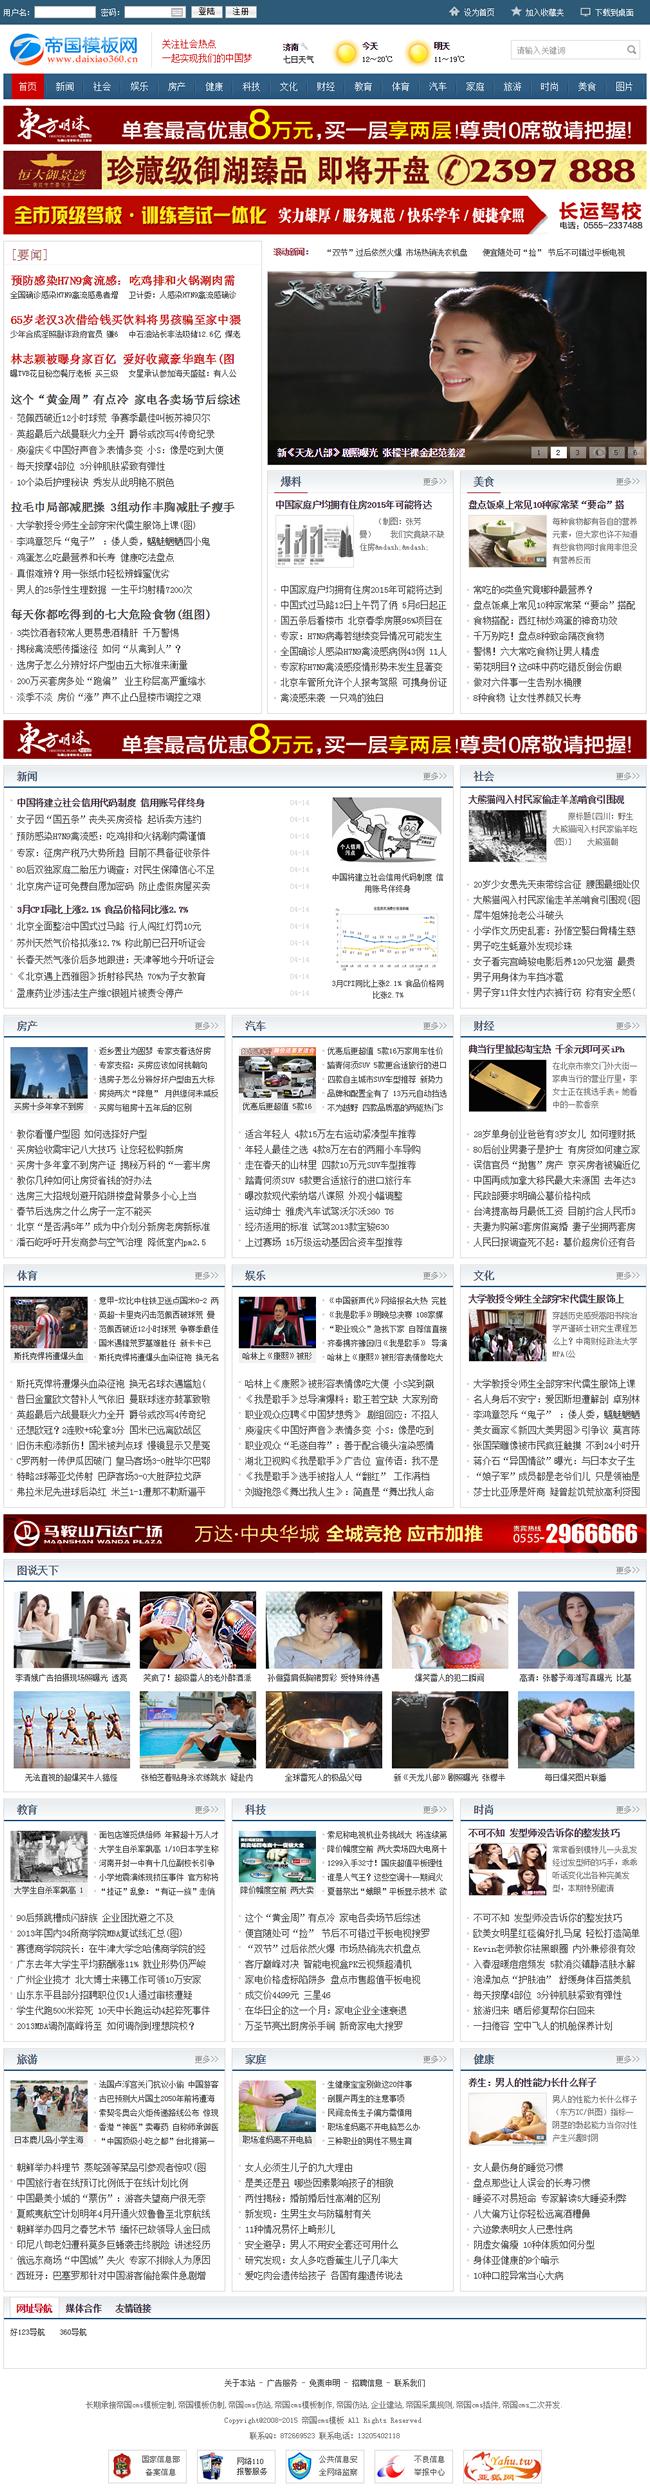 帝国cms大型新闻资讯门户网站模板_首页